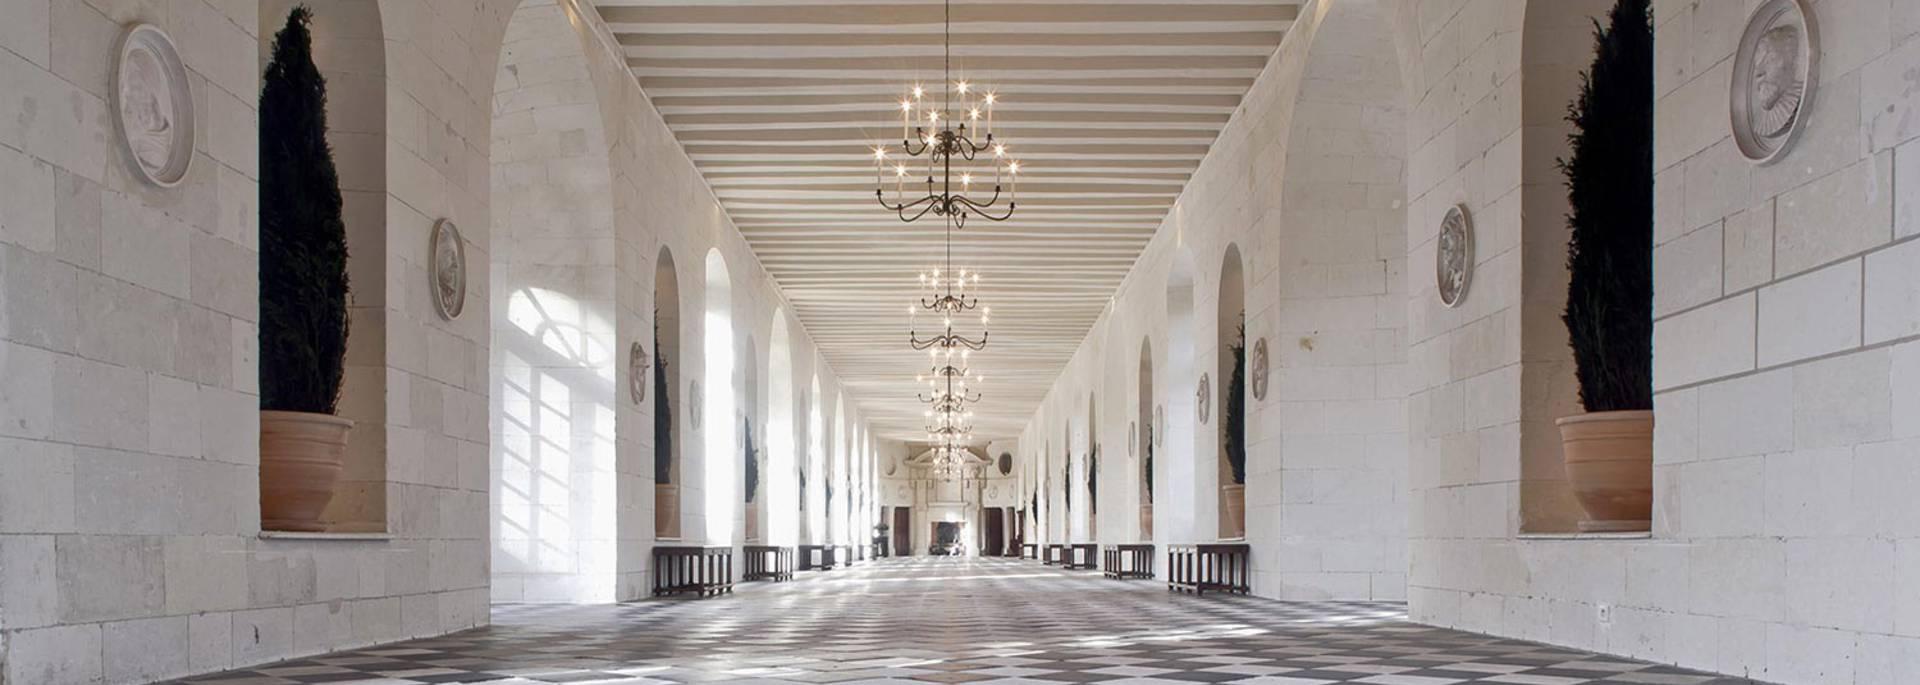 L'intérieur du château de Chenonceau